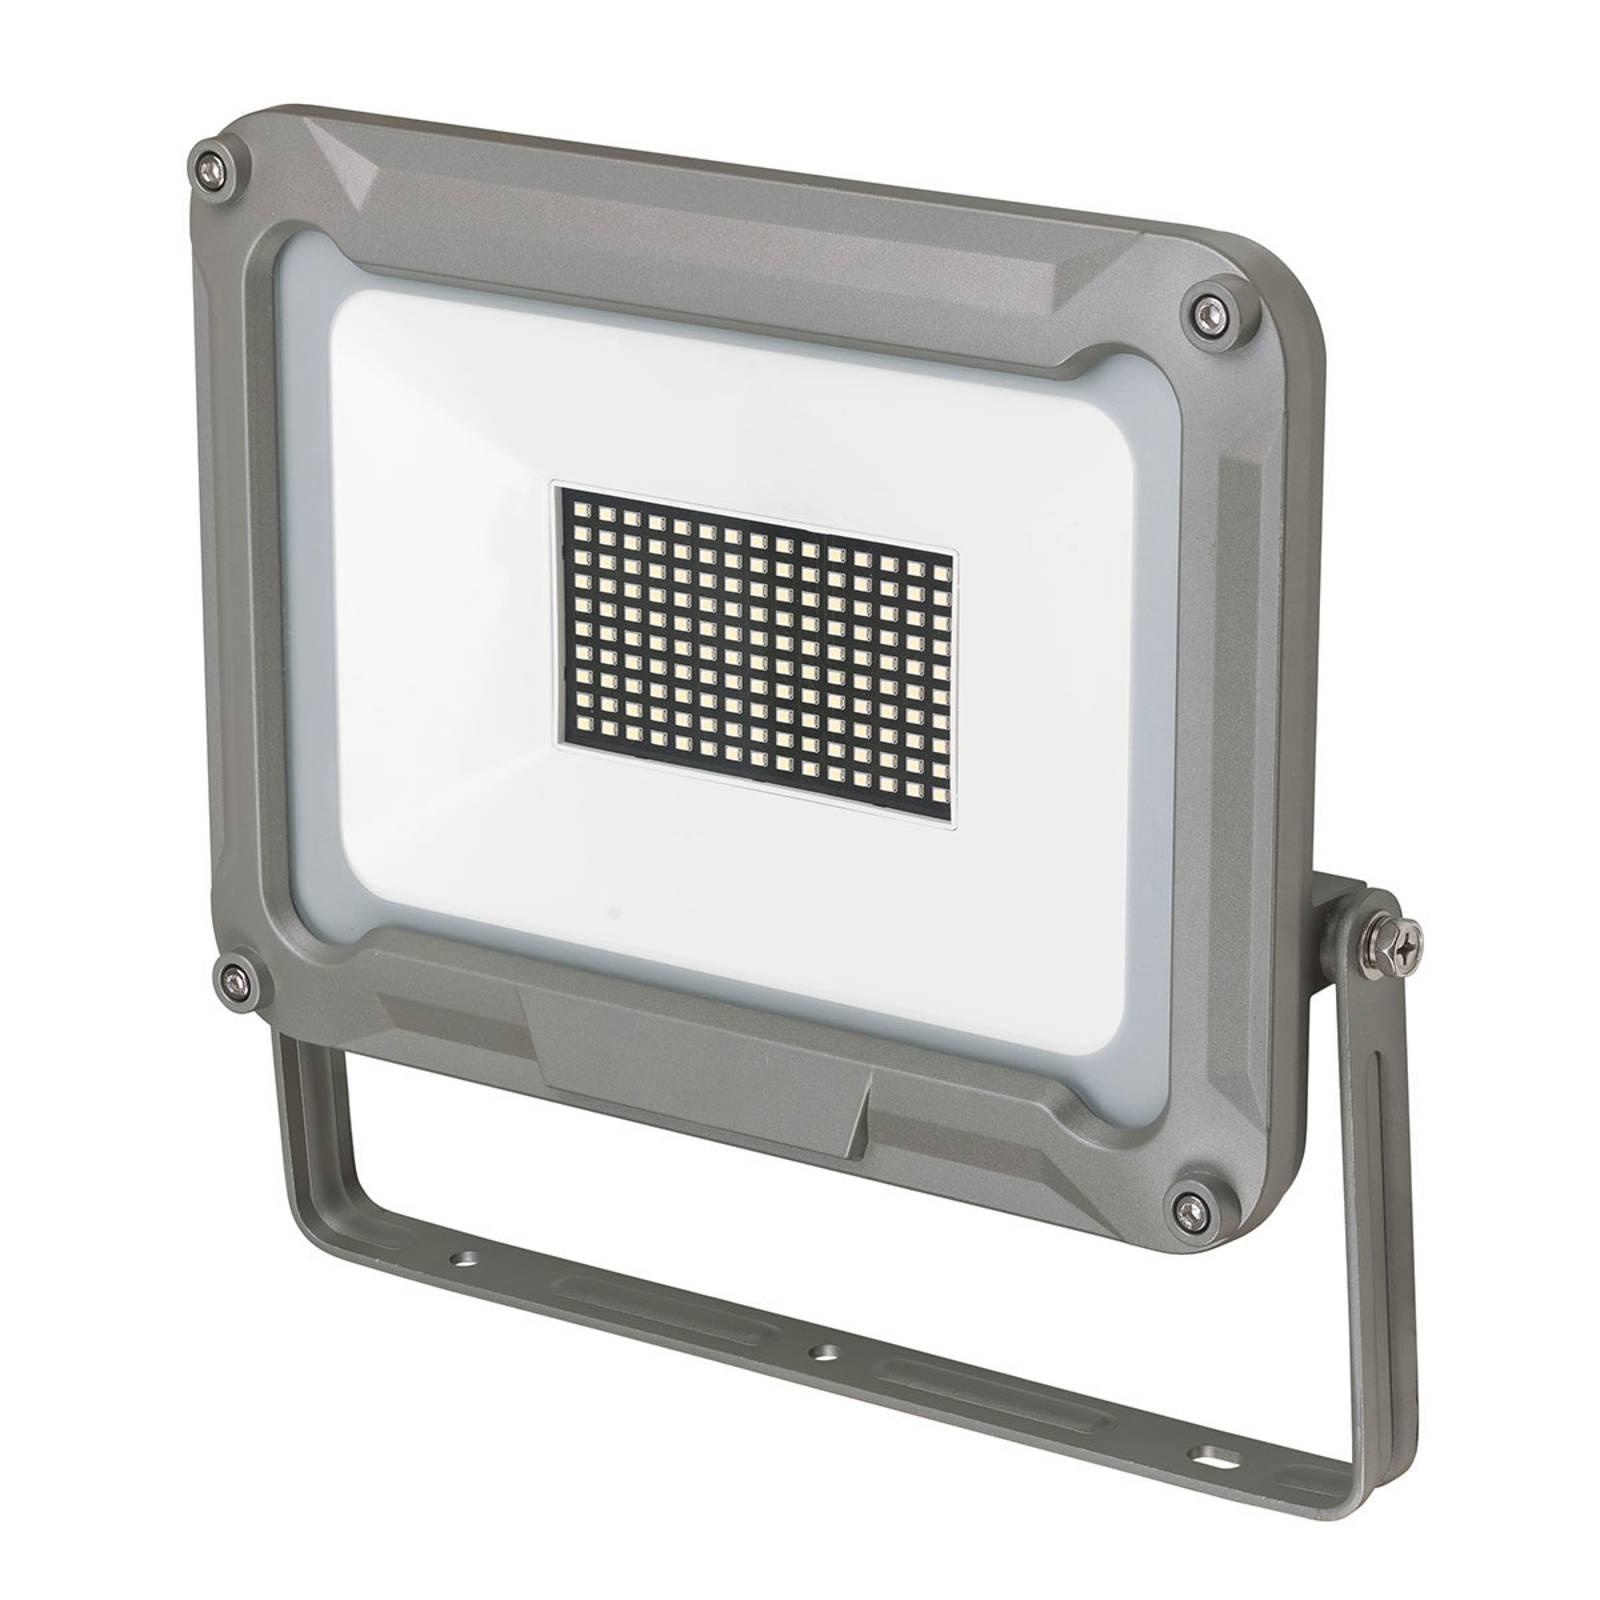 LED-ulkokohdevalaisin Jaro asennukseen IP65 100W